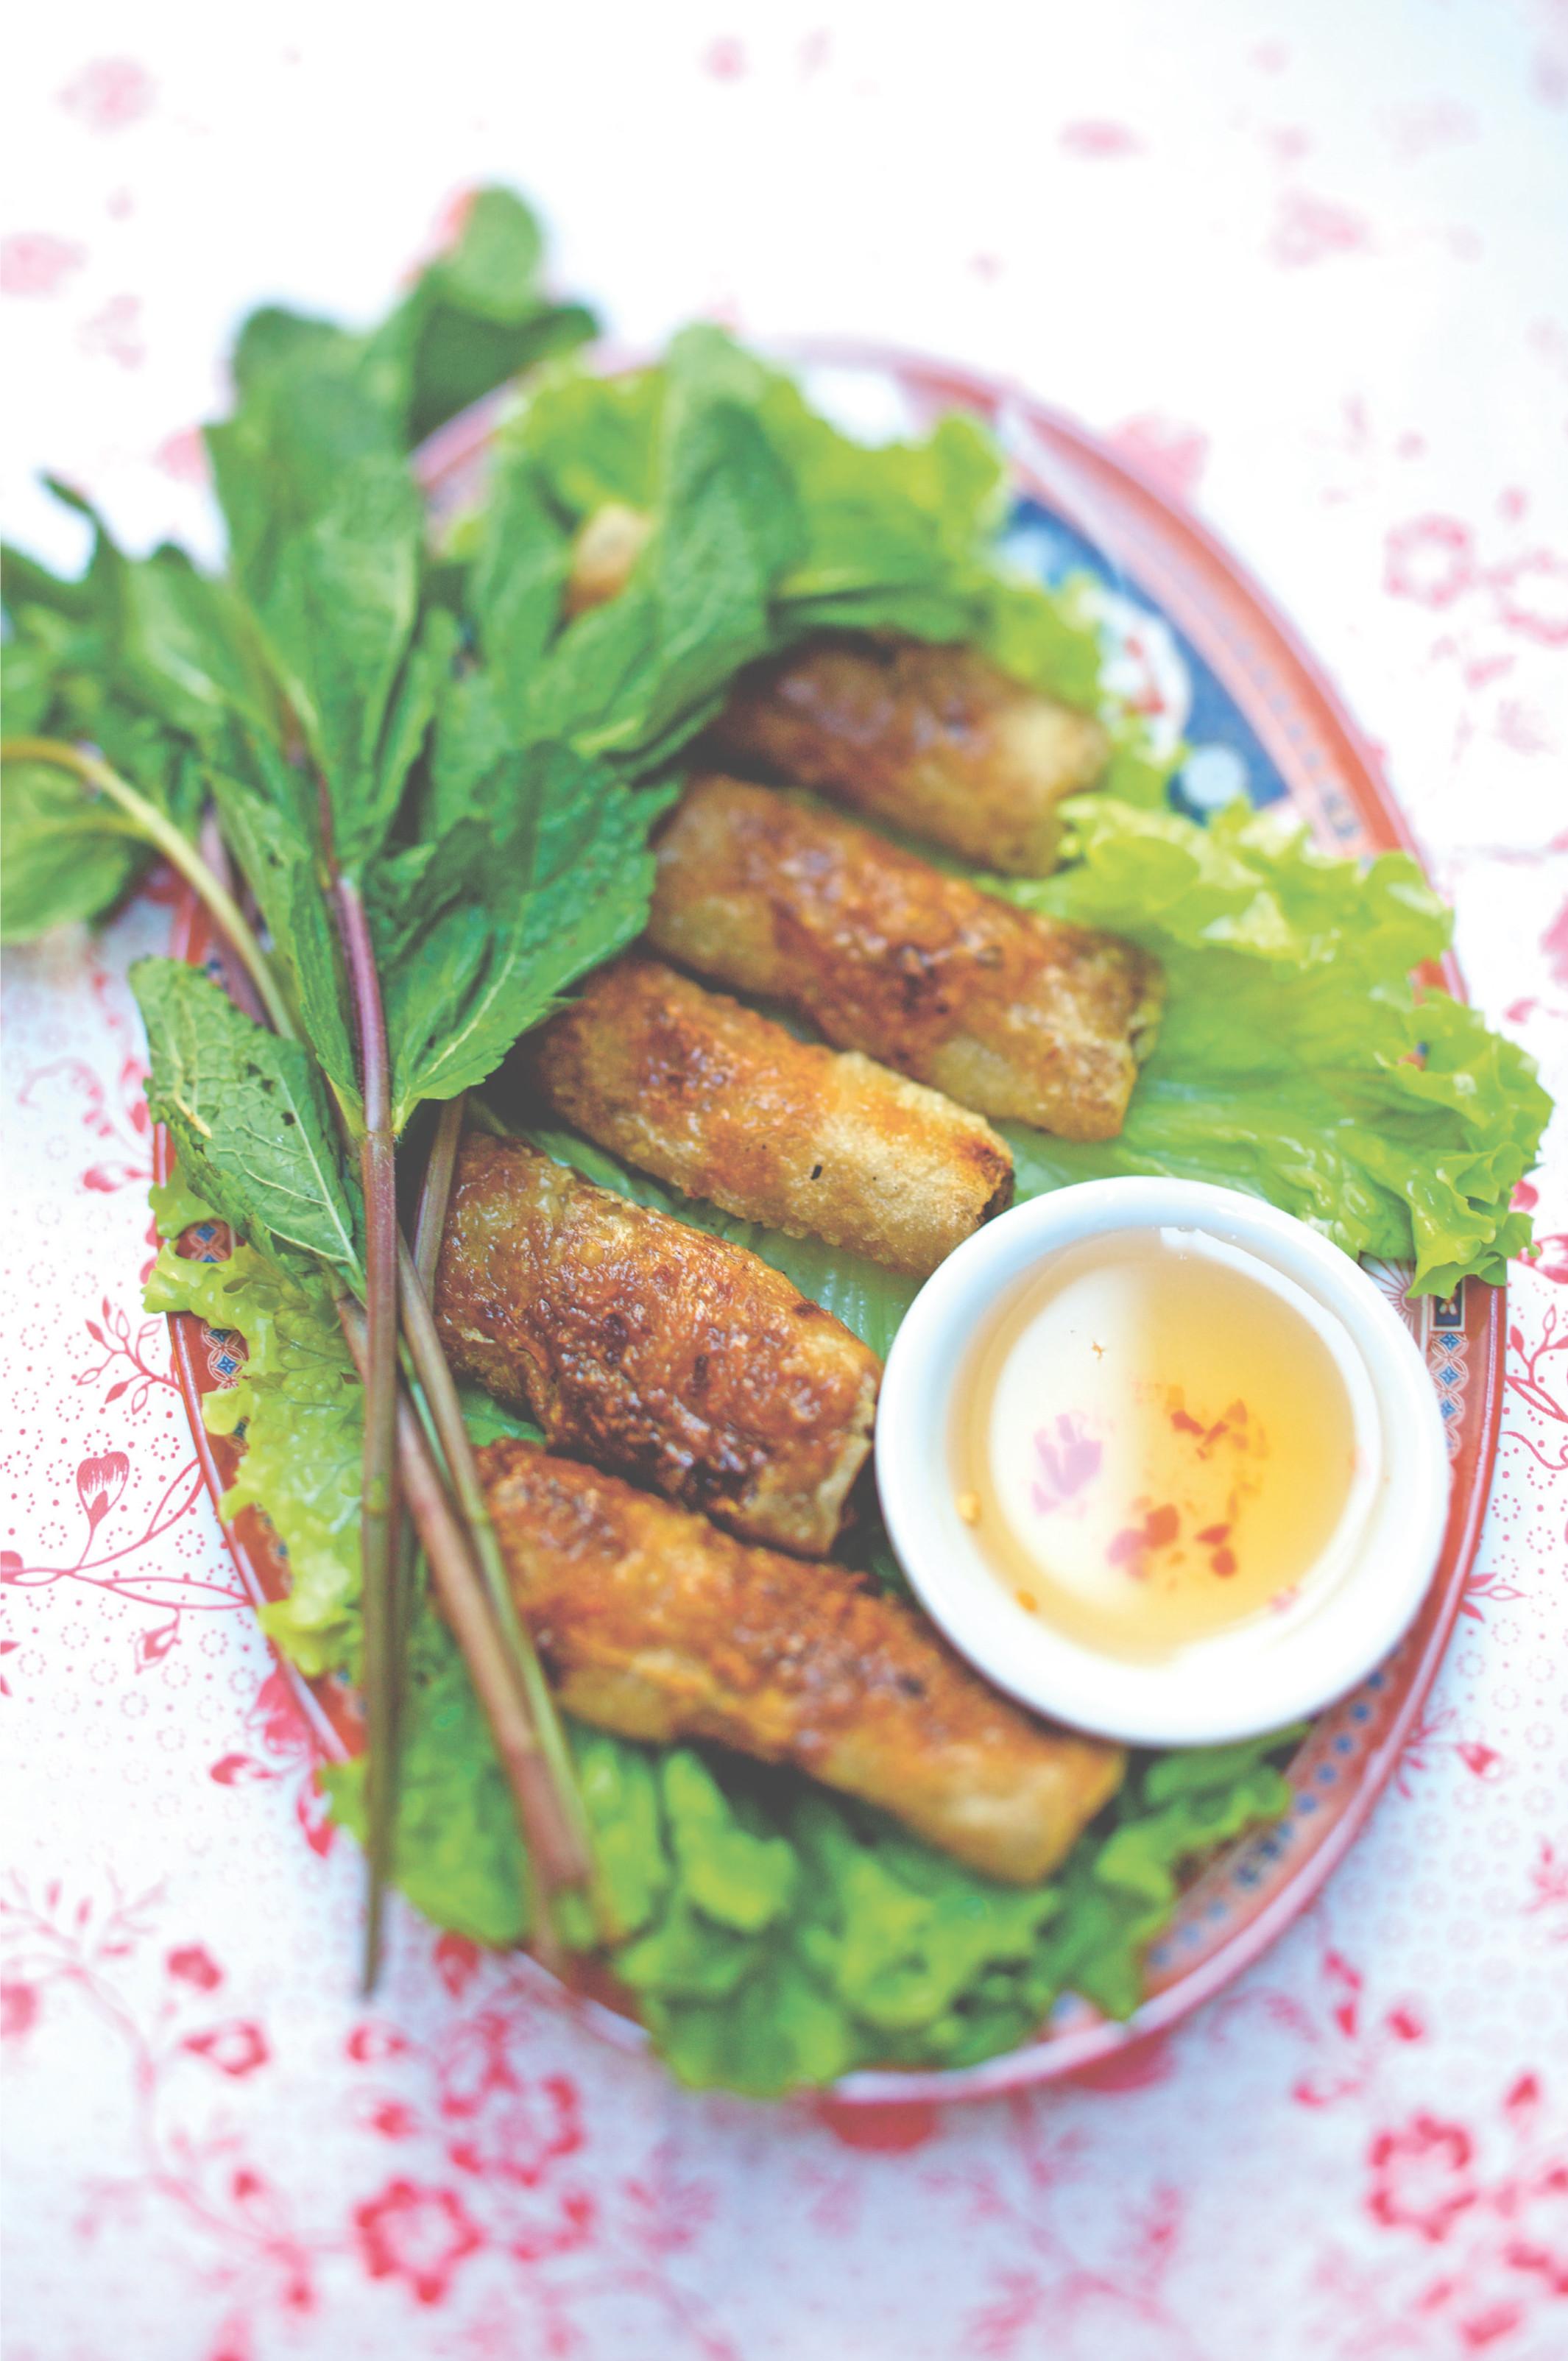 Nouvel an chinois comment la cuisine asiatique s 39 est adapt e nos palais occidentaux le - Chinois pour la cuisine ...